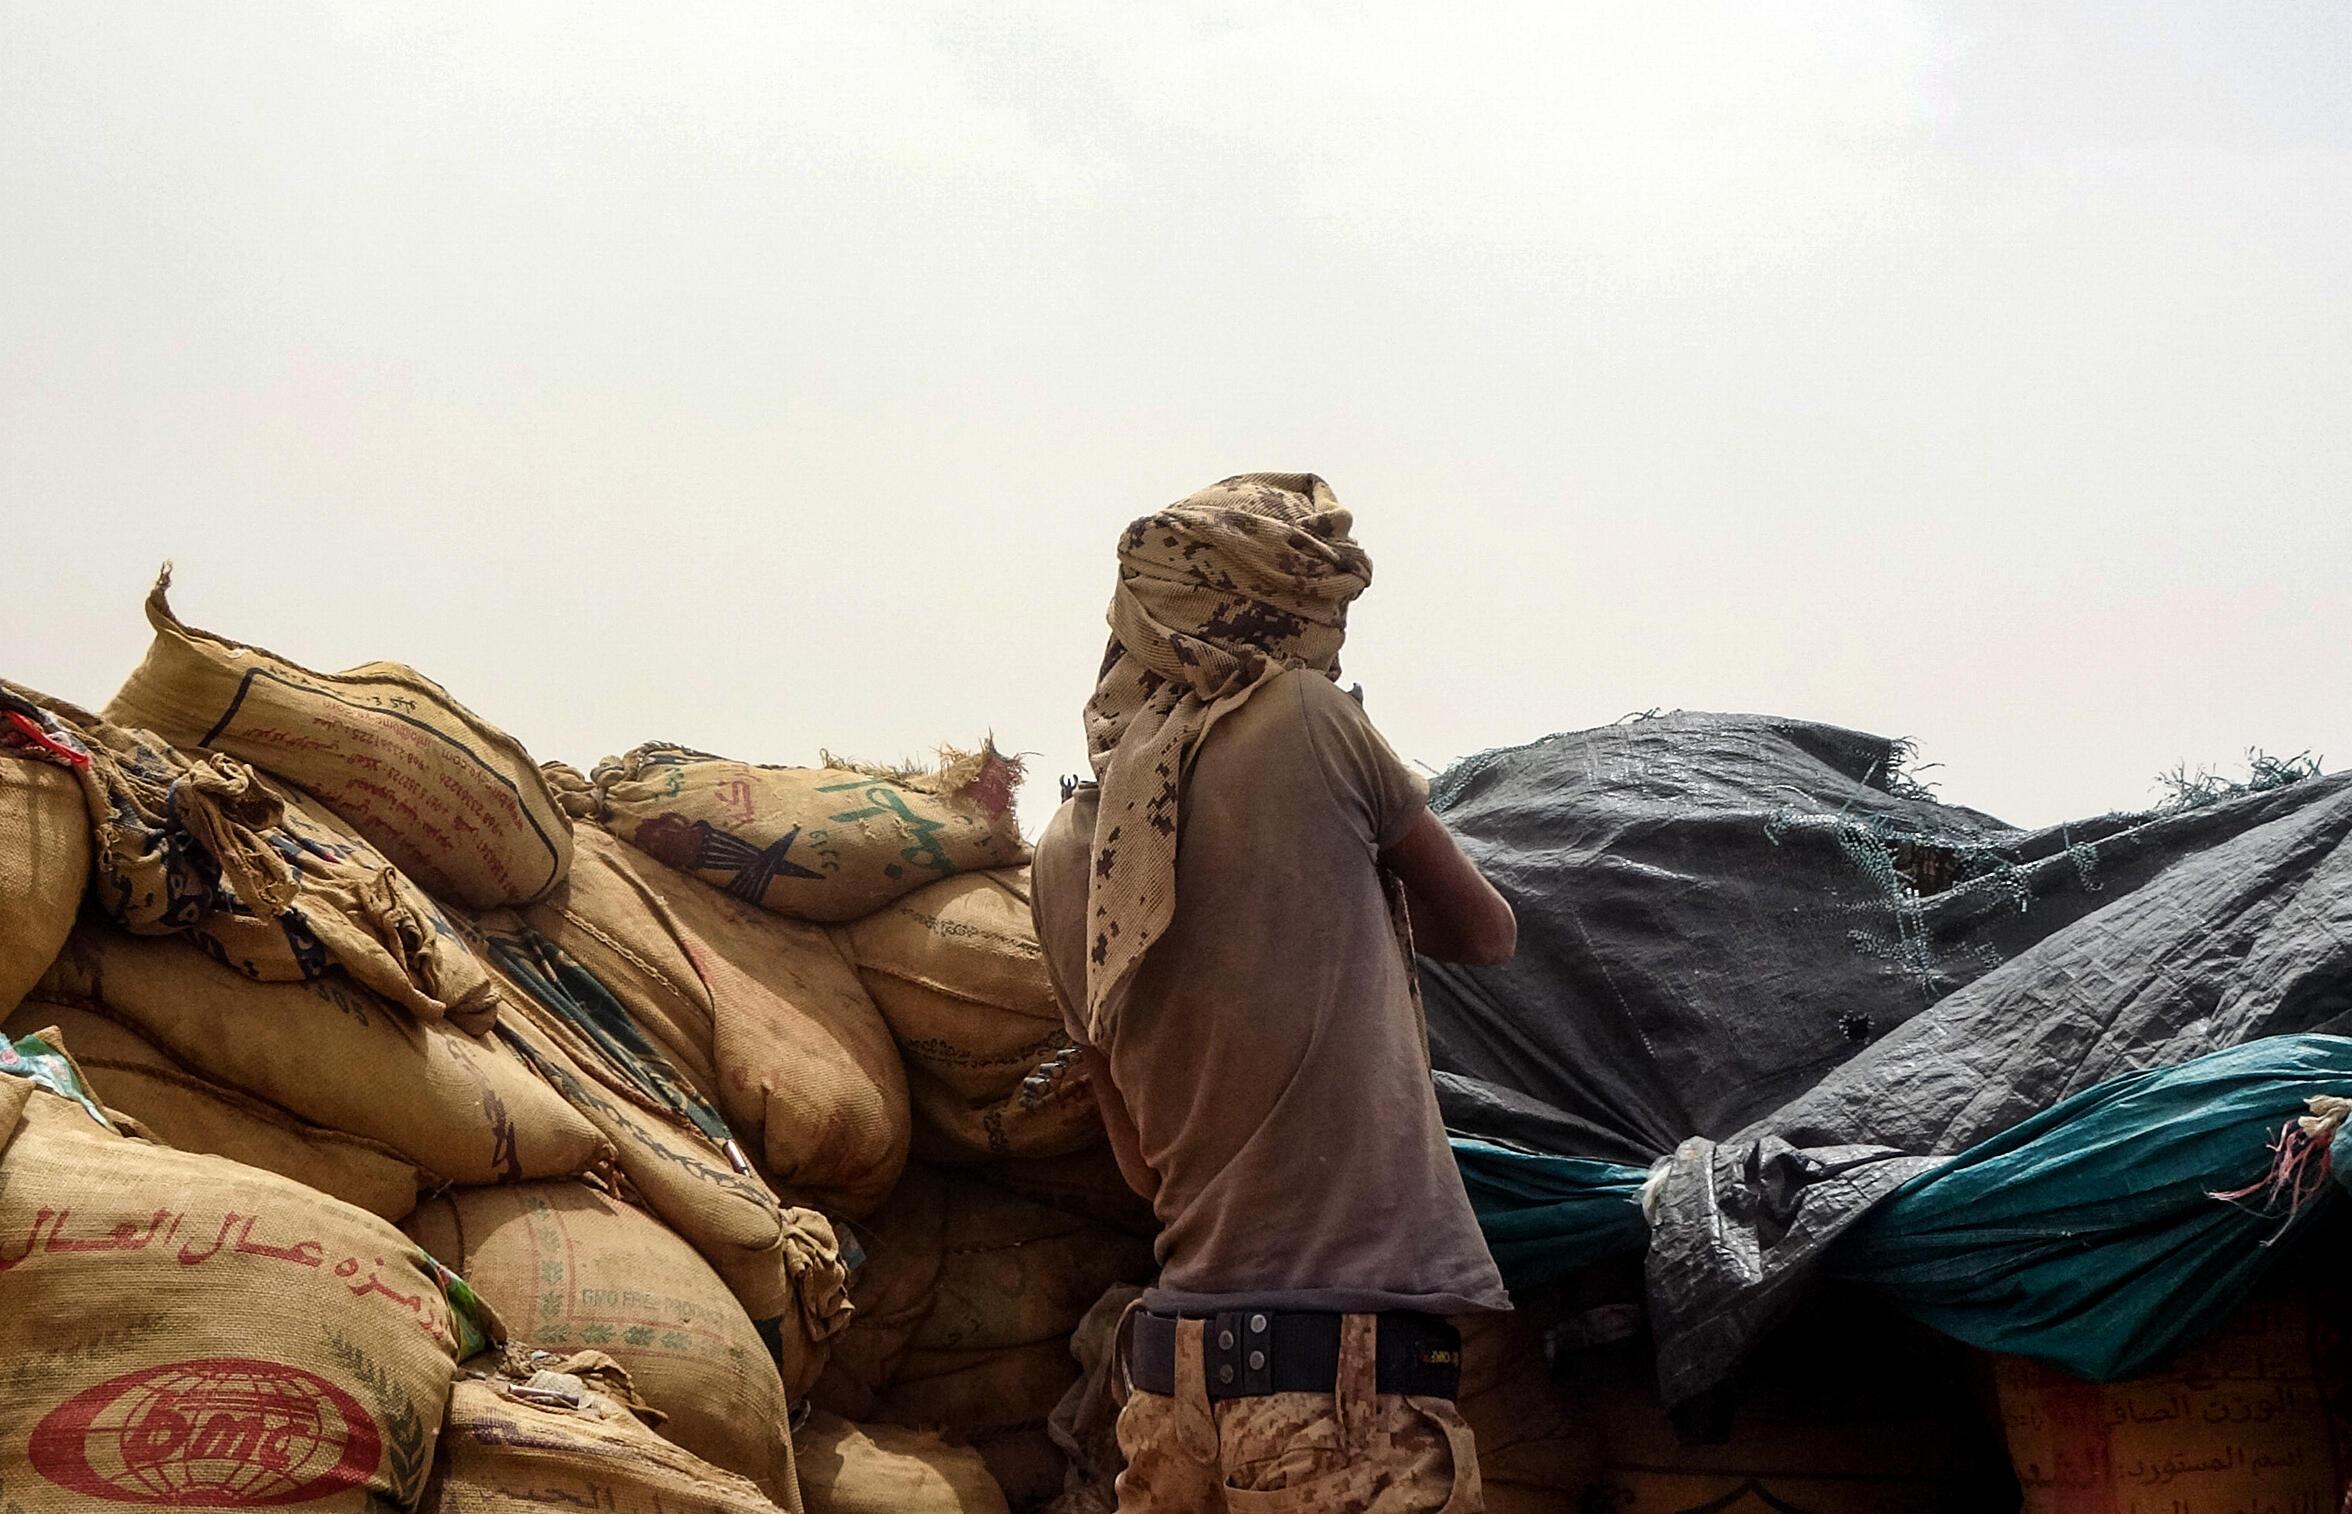 مقاتل من القوات الموالية للحكومة اليمنية في مأرب (شمال شرق)، في 19 حزيران/يونيو 2021